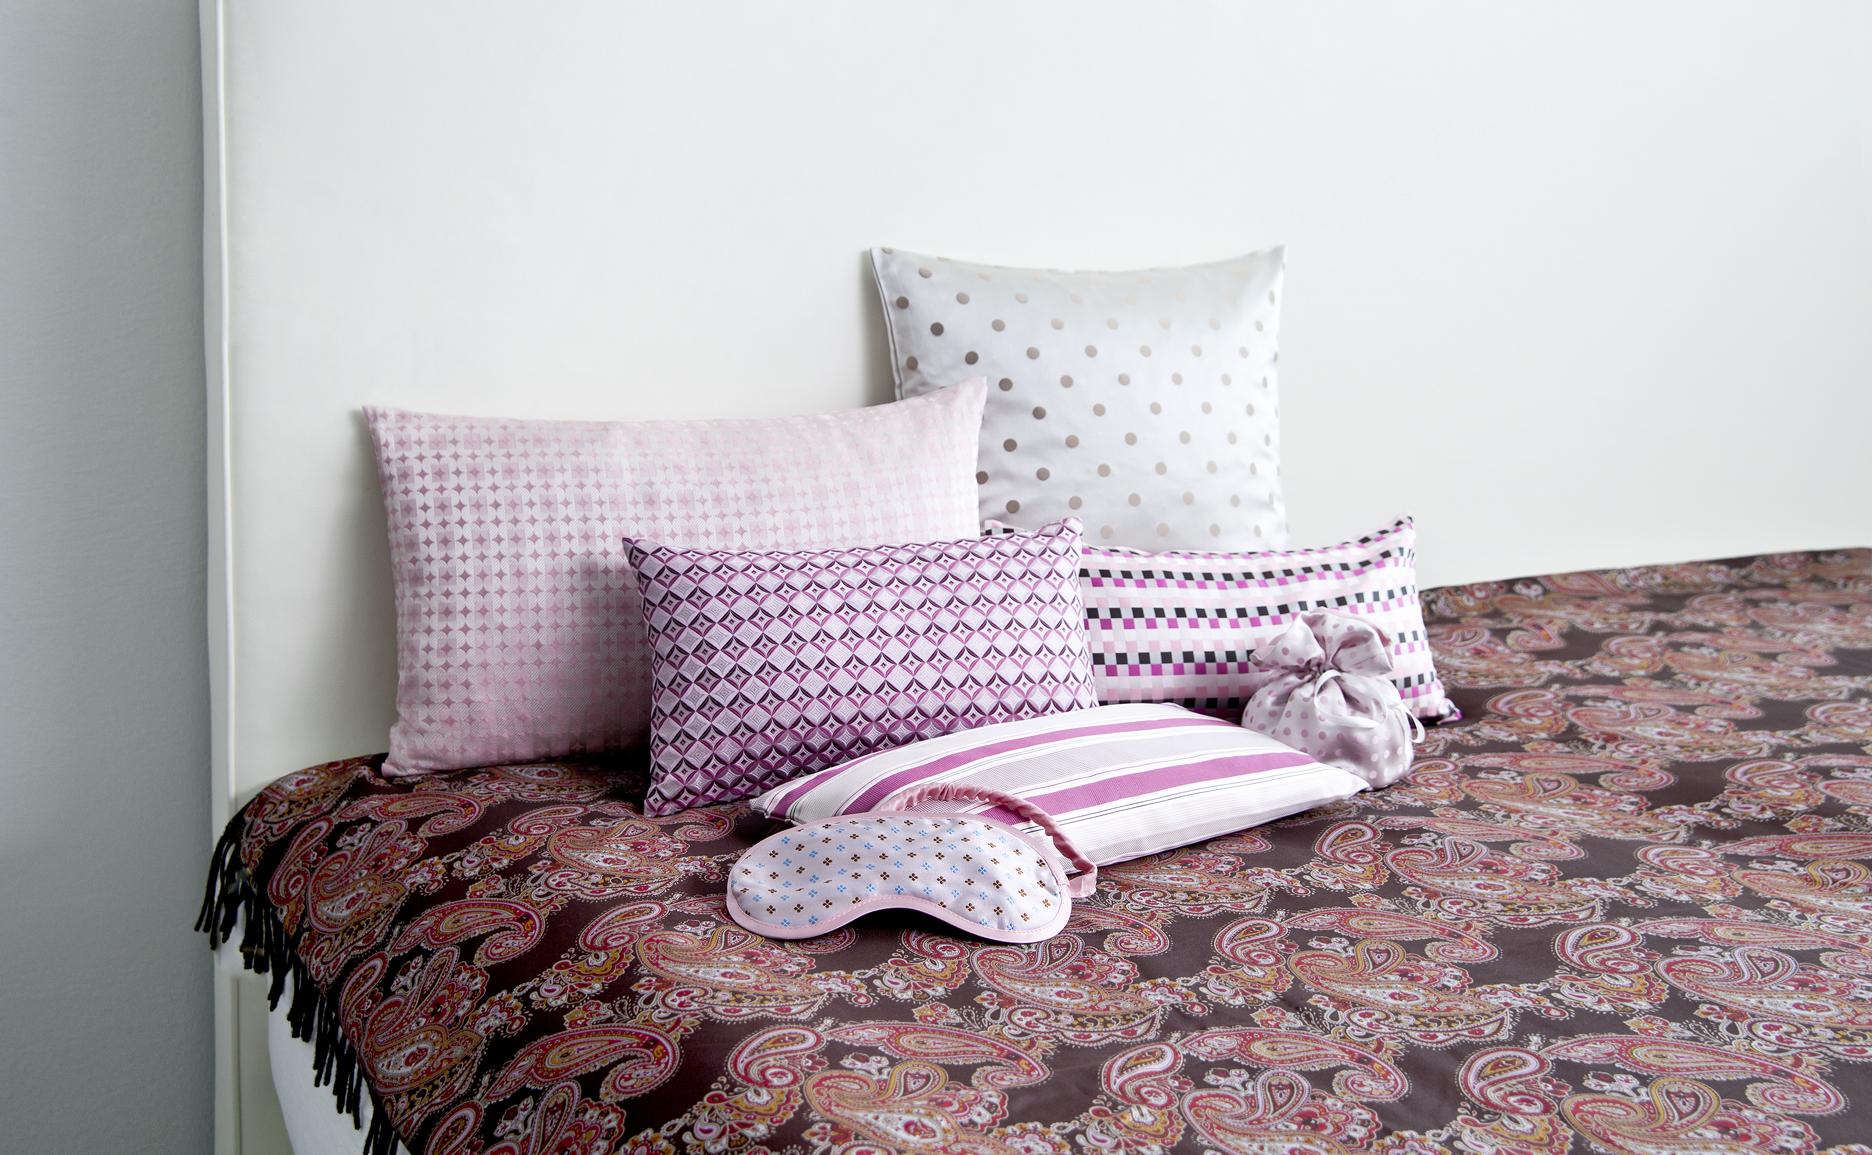 Cuscini decorativi per letto il dettaglio mancante dalani e ora westwing - Cuscini decorativi letto ...